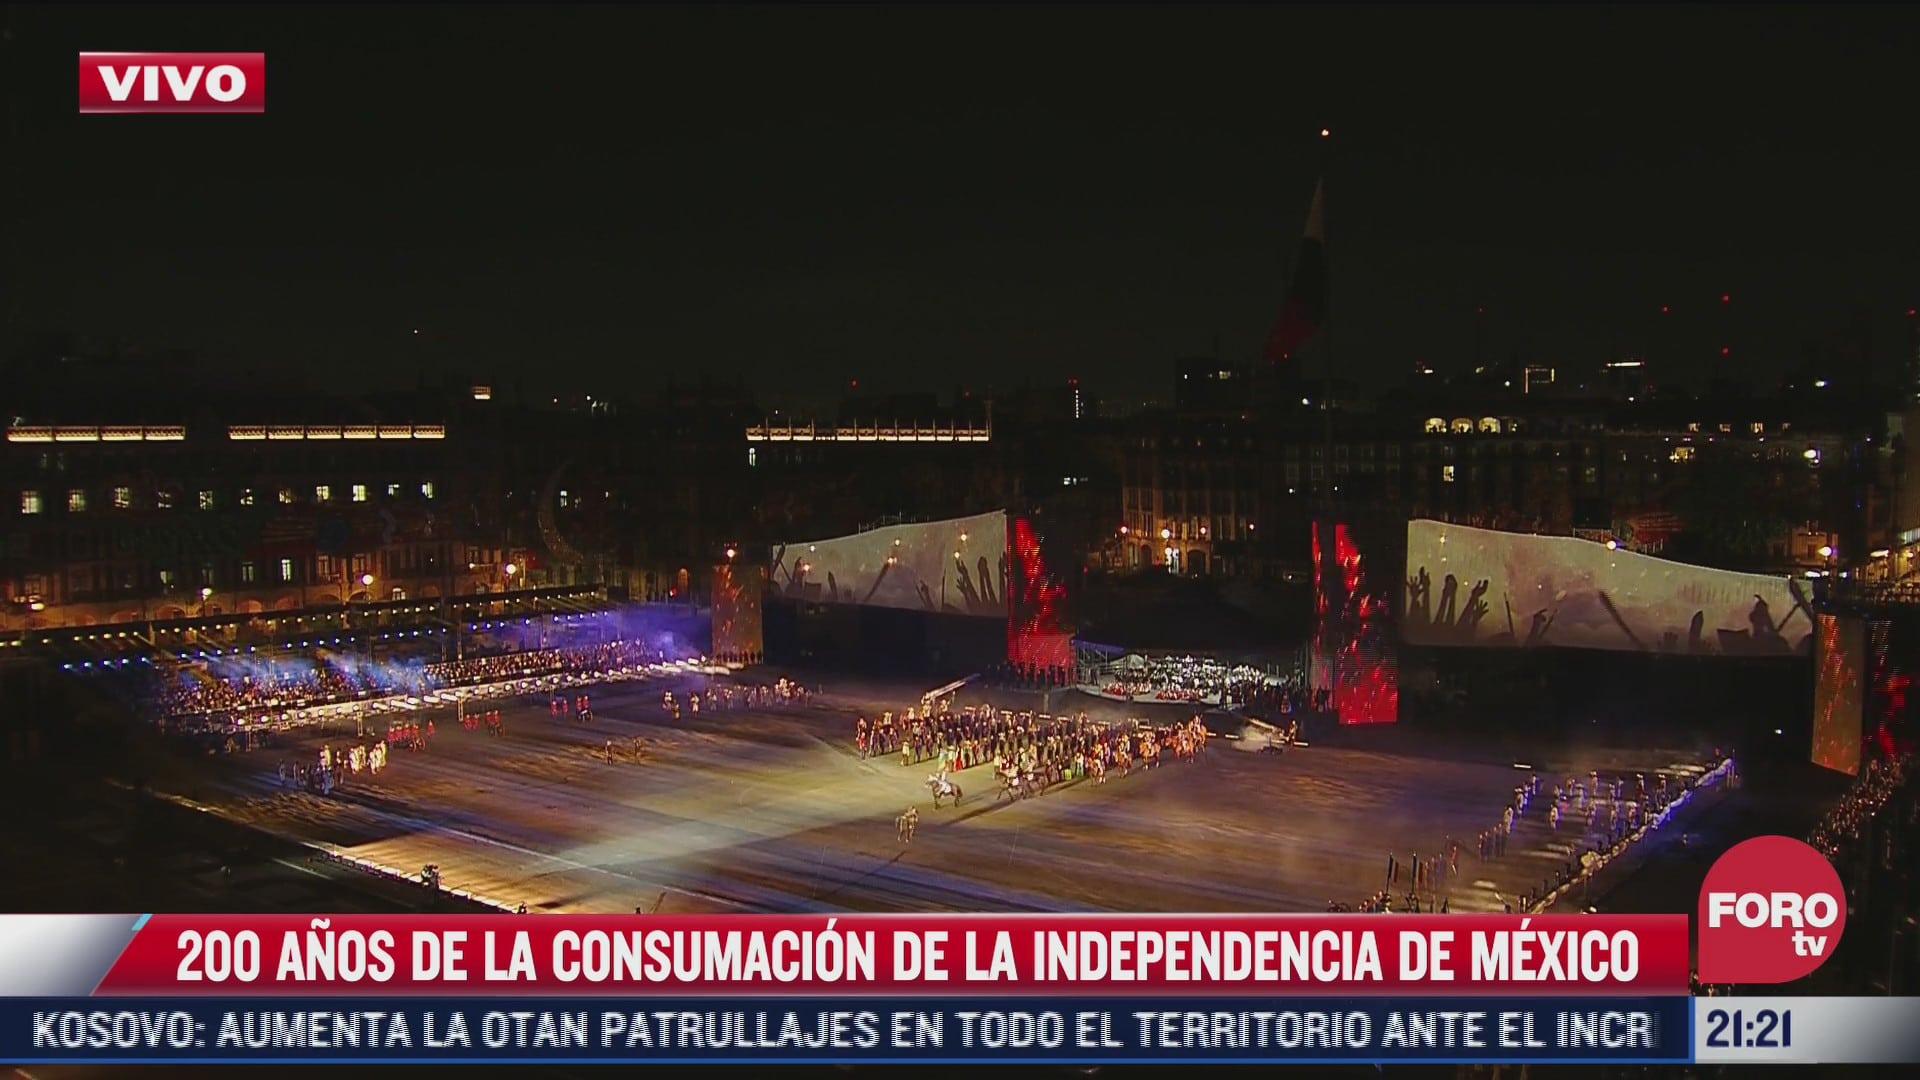 ceremonia por 200 ano de la consumacion de la independencia de mexico